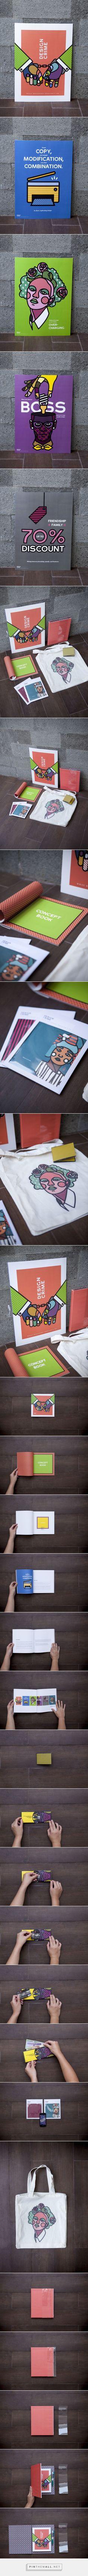 """""""Design Crime"""" Ethics in Design on Behance - www.behance.net..."""